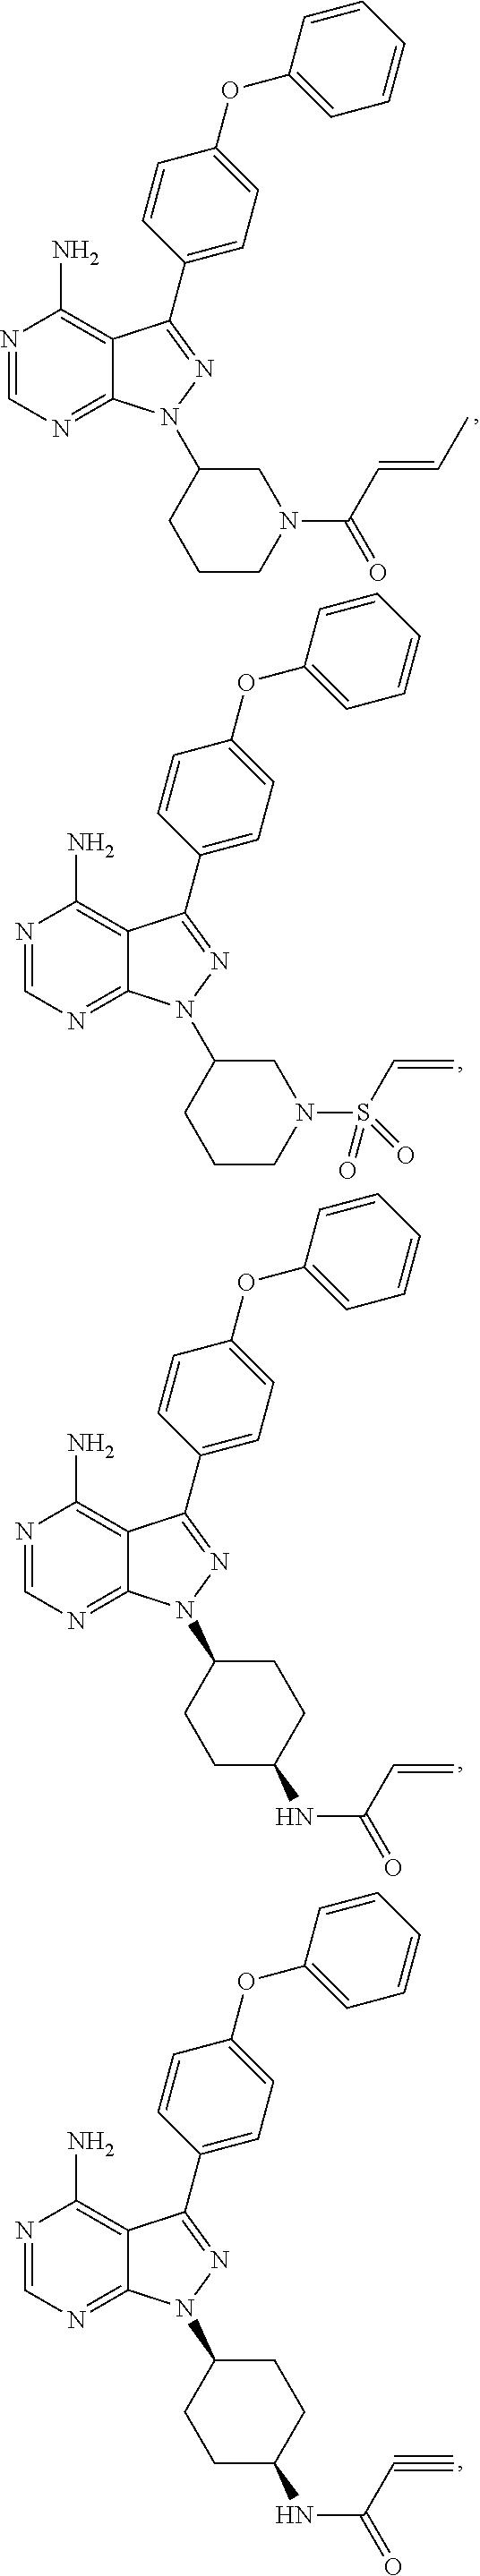 Figure US10004746-20180626-C00031